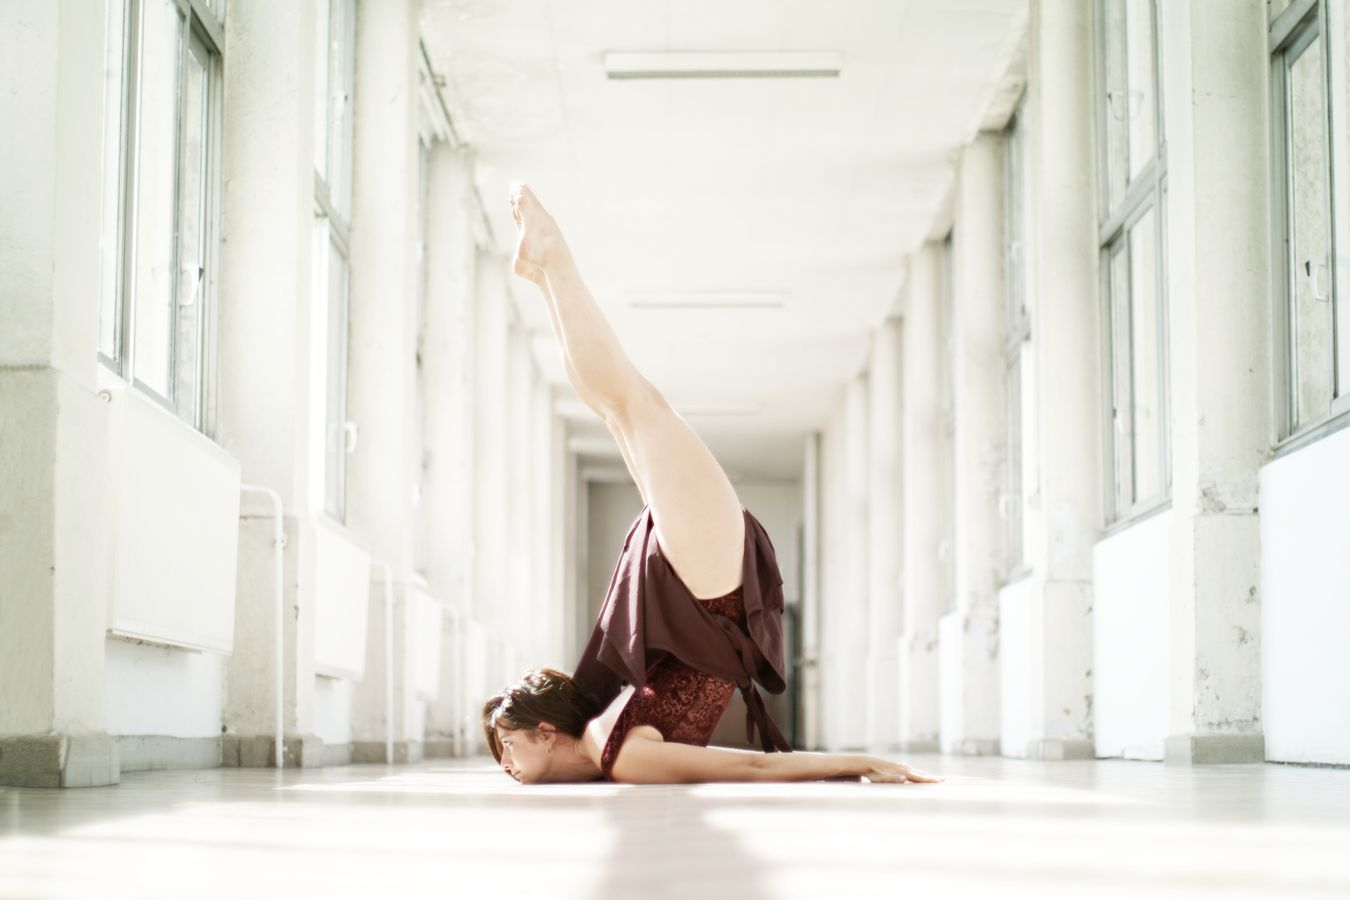 Dans la galerie de l'hôpital de la Croix-Rousse, Mathilde fait de la danse contemporaine. Le menton sur le carrelage, elle fait un scorpion, jambes tendues.